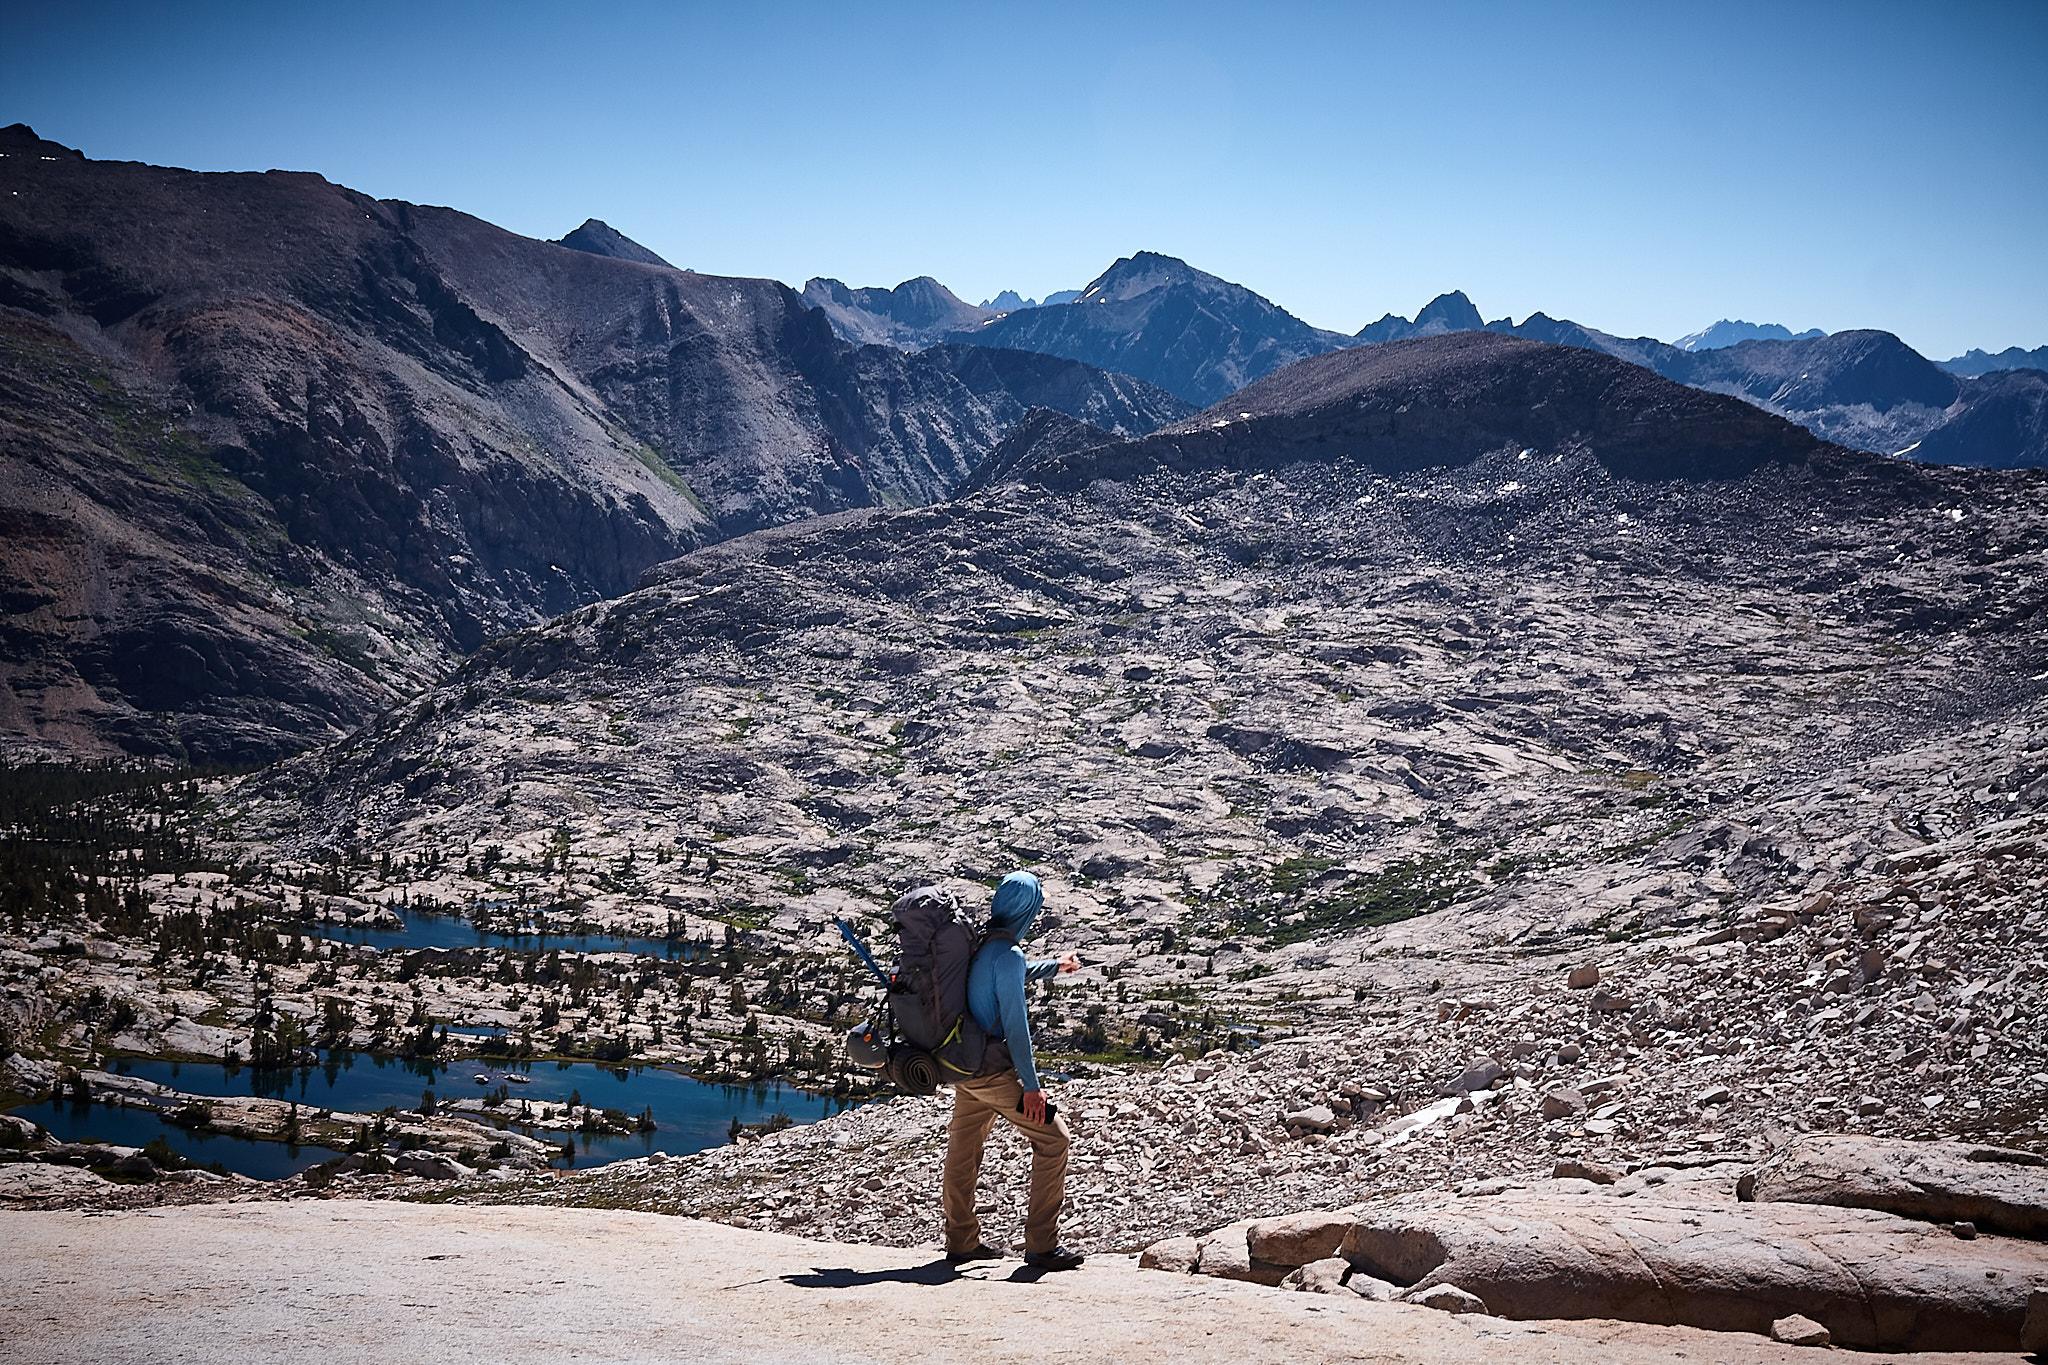 High Sierras 54 1